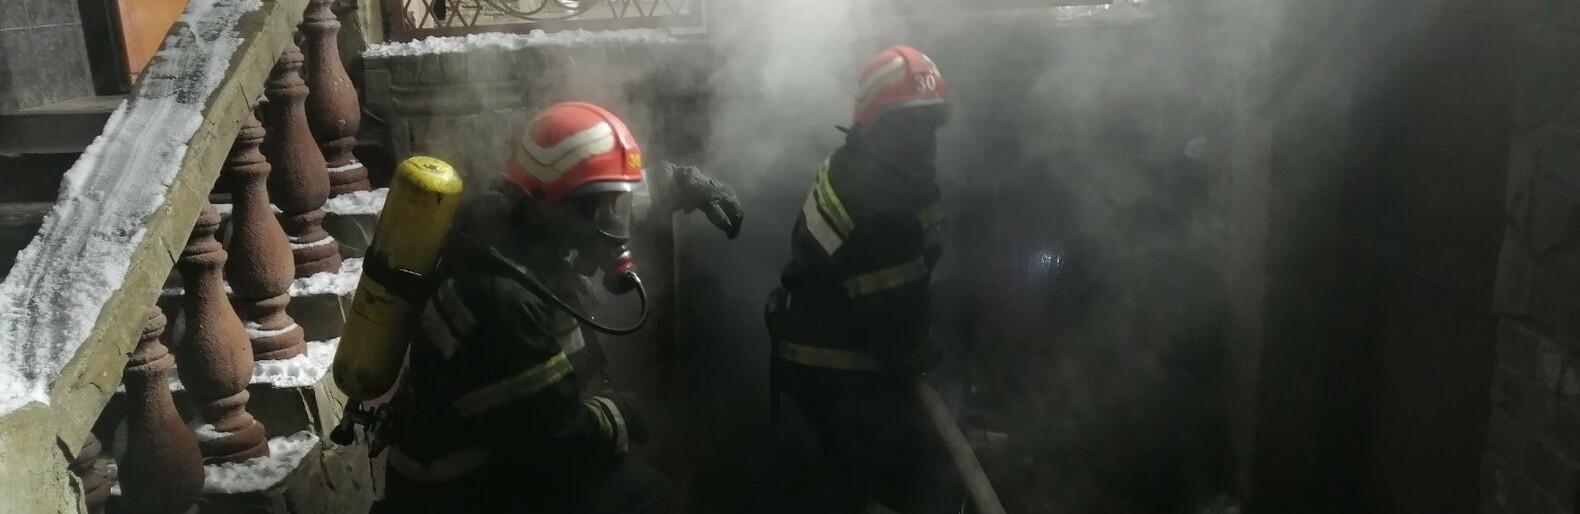 Спасатели Одесской области более часа тушили подземный пожар, - ФОТ...0